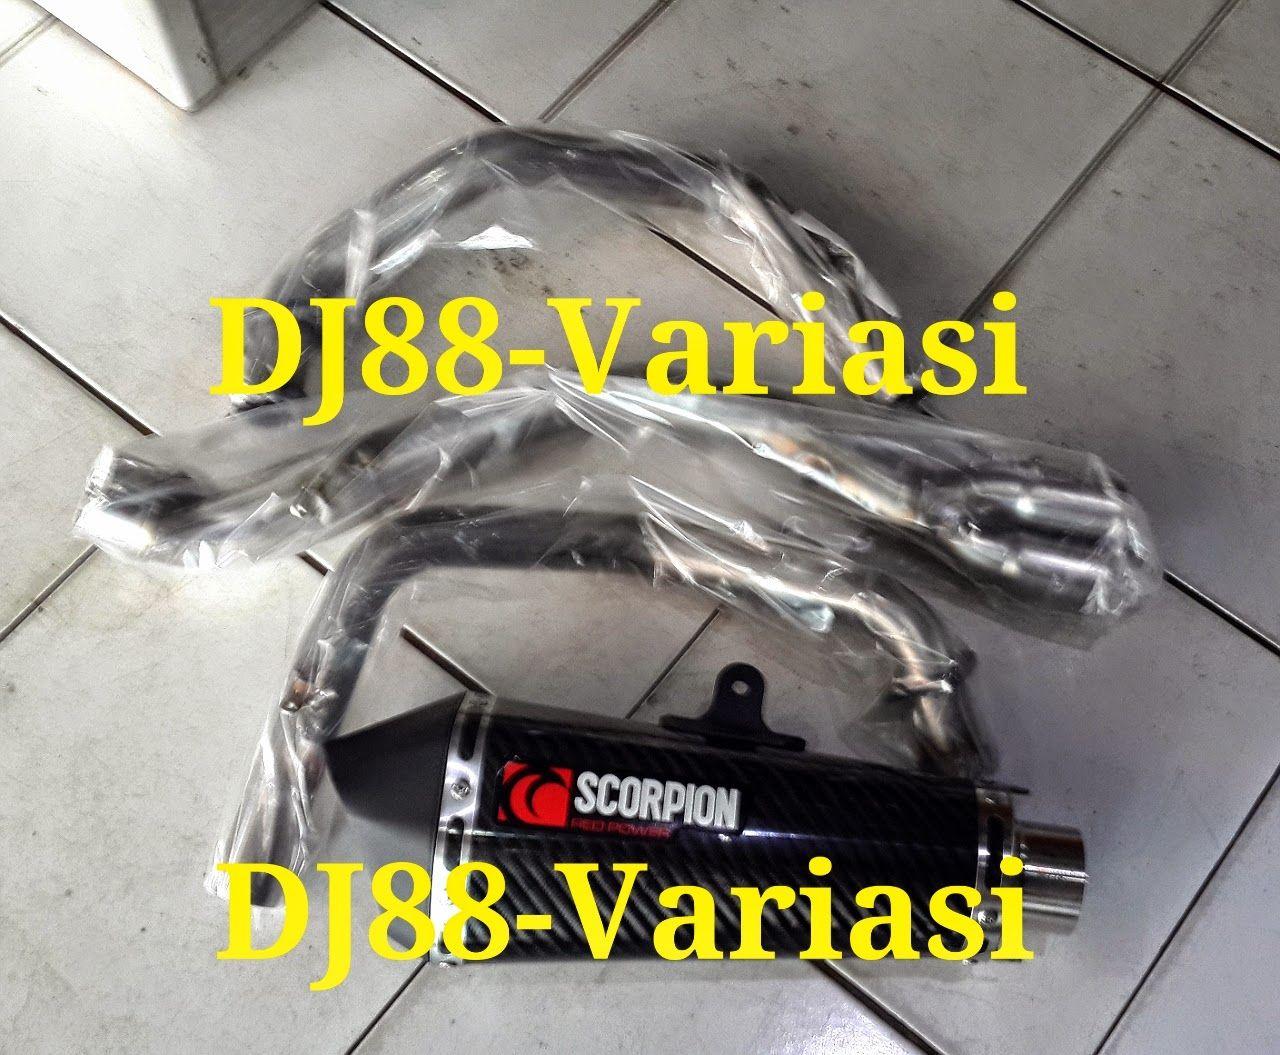 Dj88 Variasi Modifikasi Kawasaki Ninja 250 Carbu Fi Prospeed Black Series Yamaha Vixion Old Full Z250